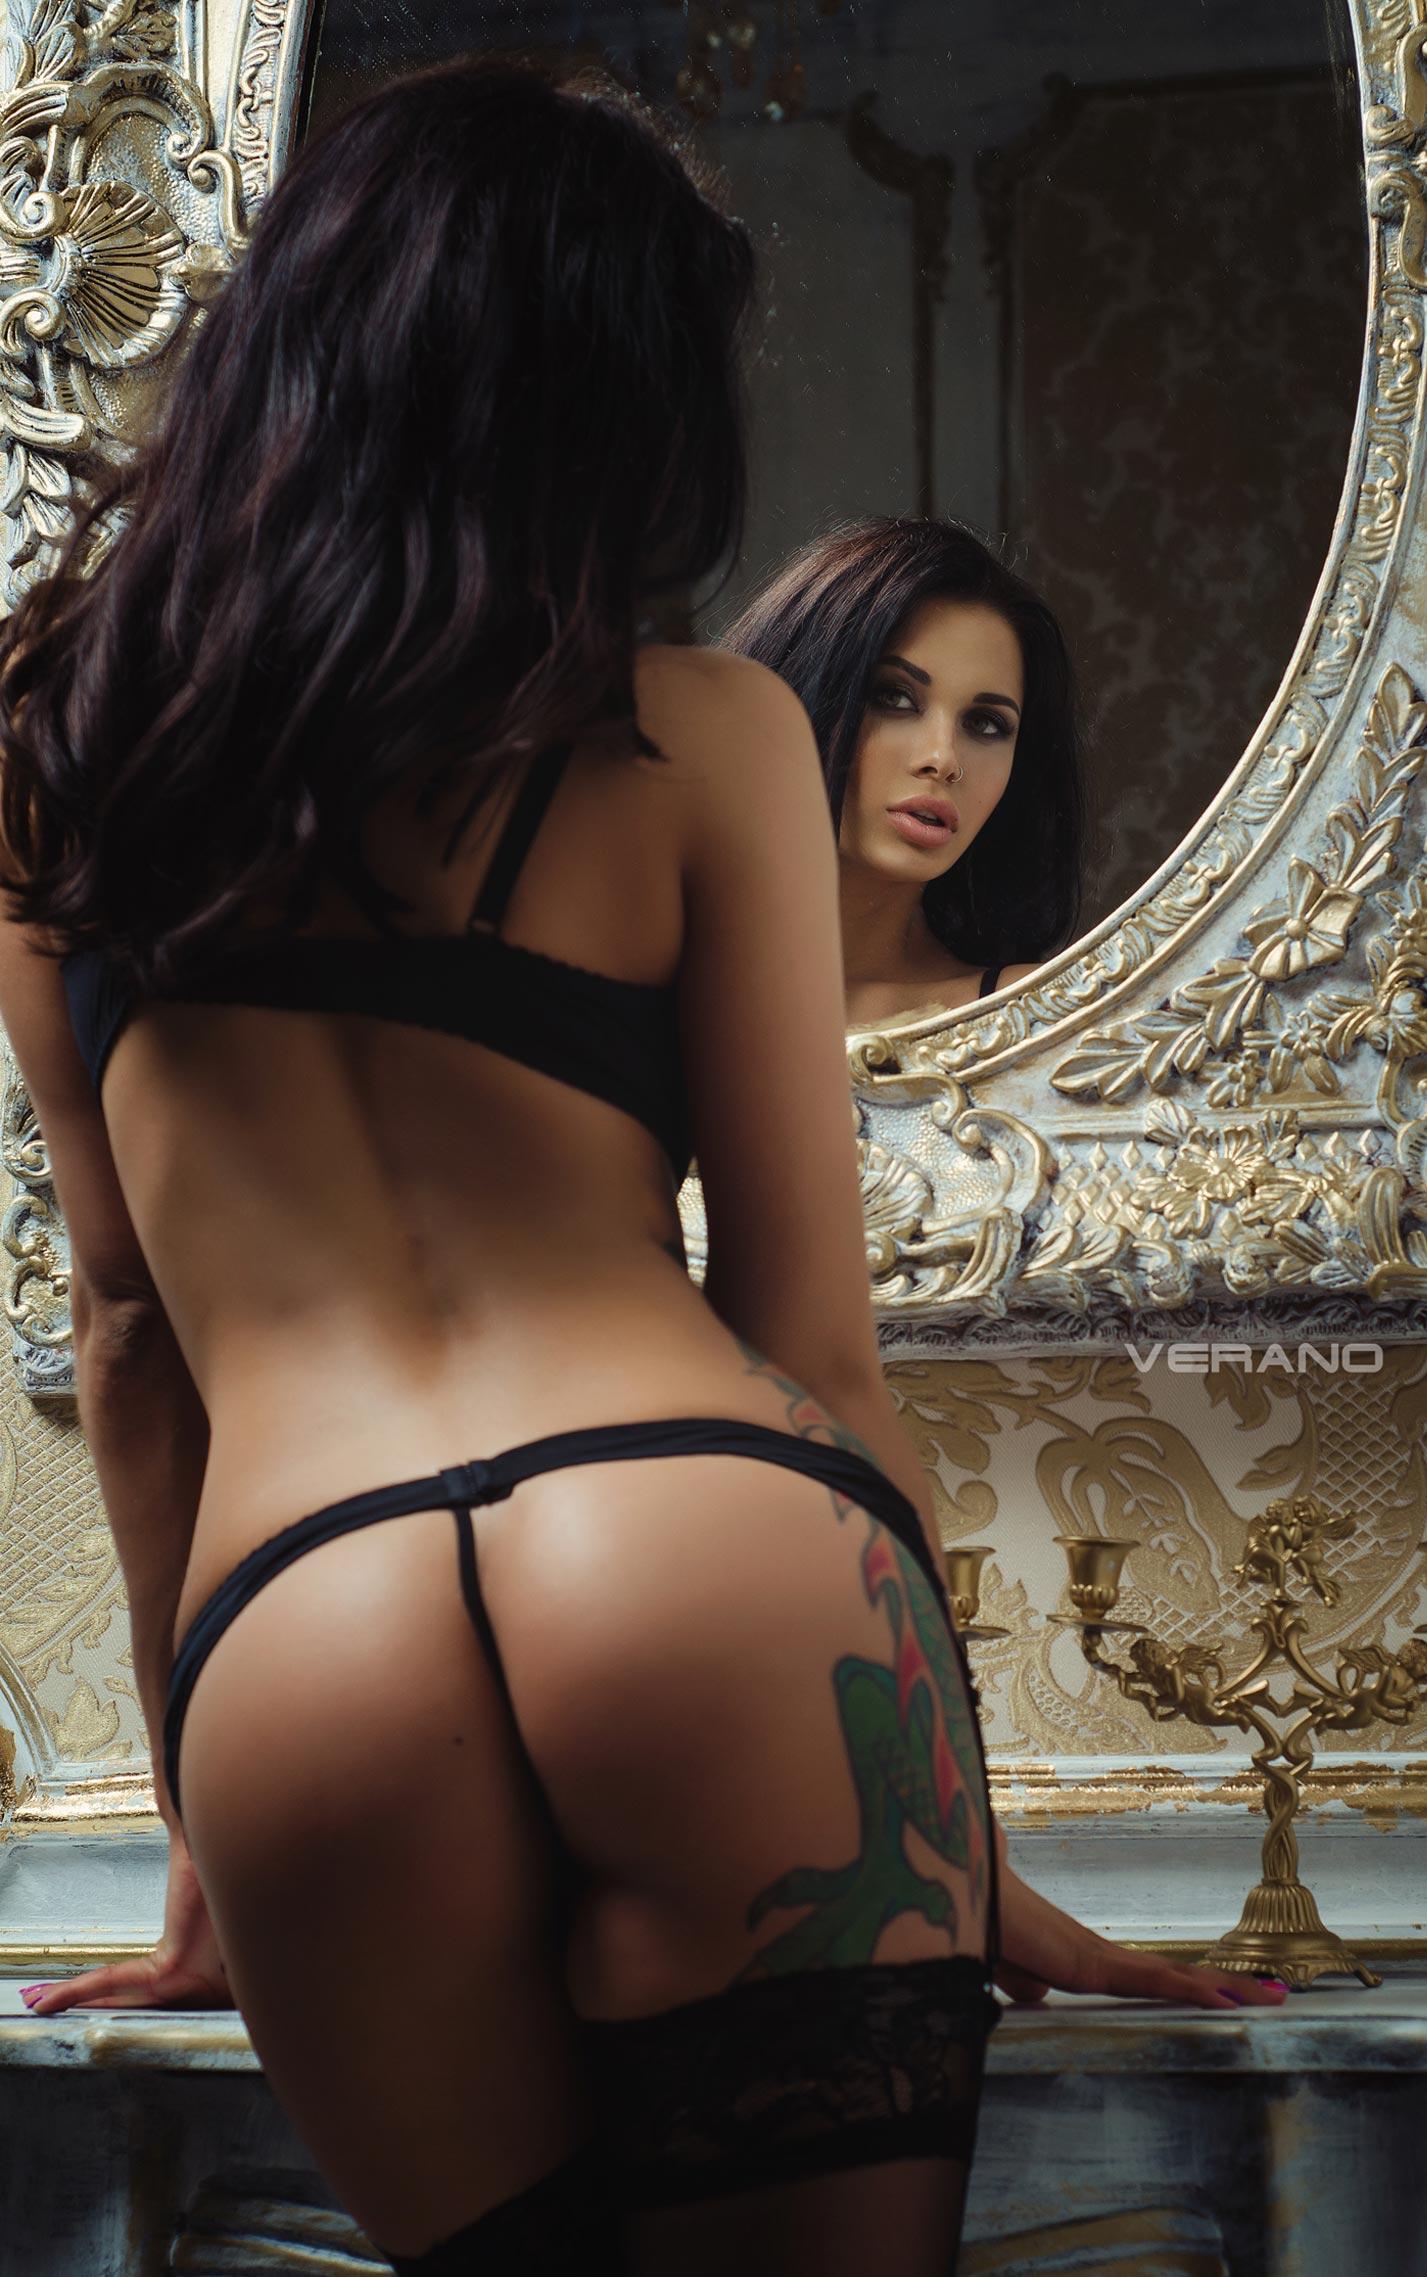 Лина Мелтон, фотограф Николас Верано / фото 04